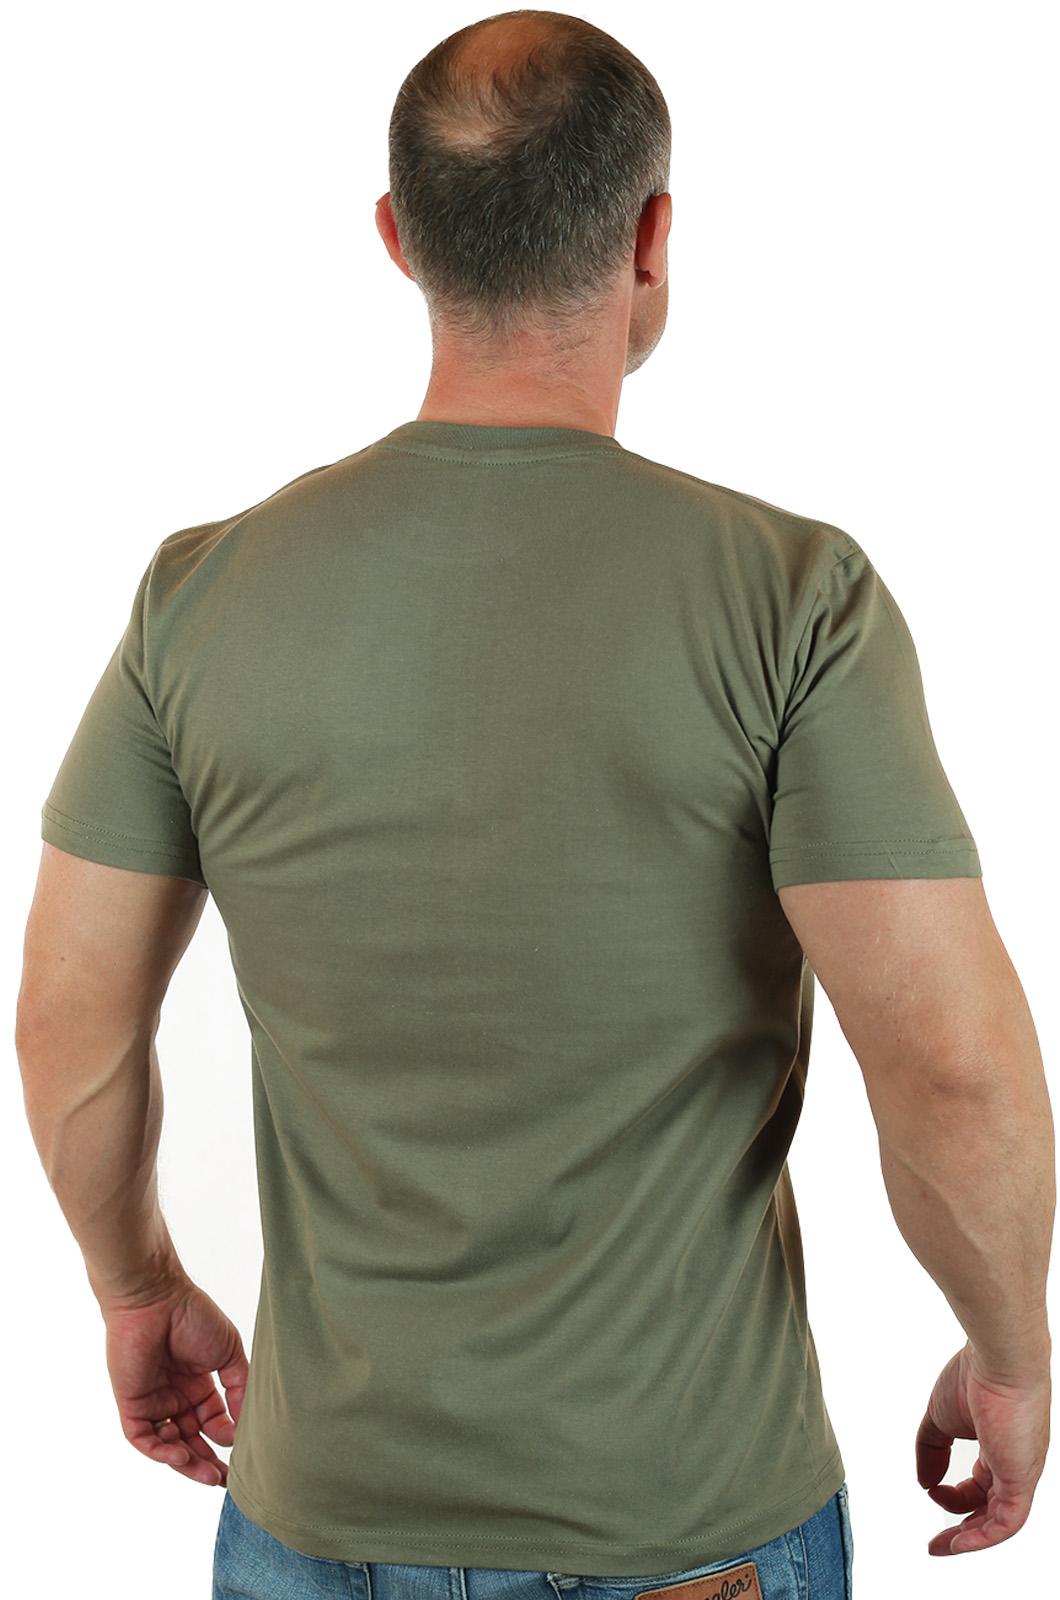 Недорогие мужские футболки из качественного хлопка